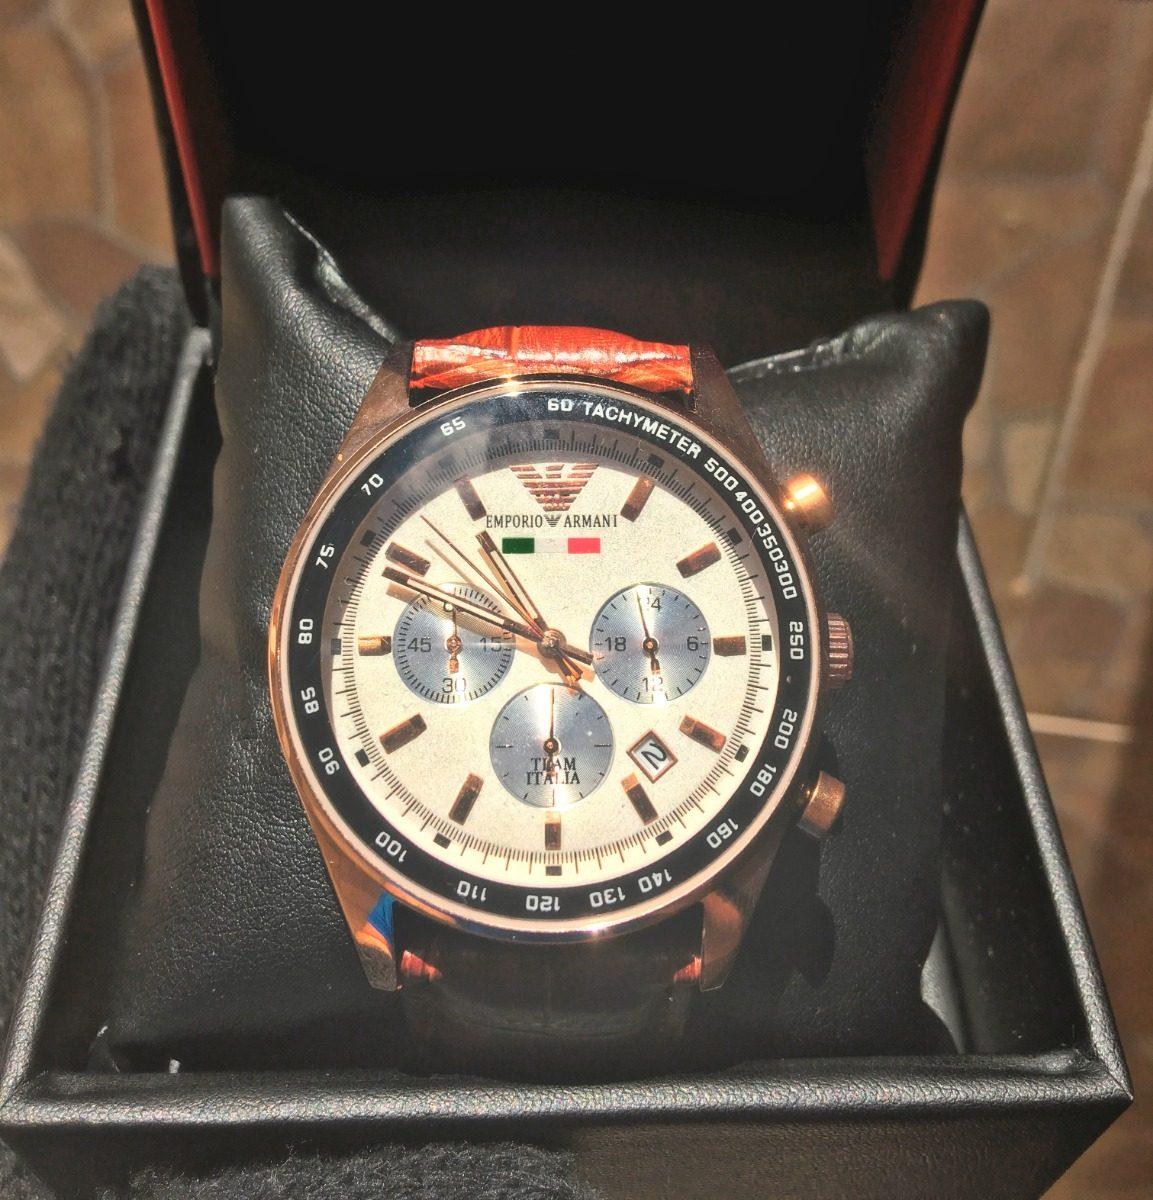 51d8ab931f Relógio Emporio Armani - Hae2413 z - Pulseira Em Couro - R  319